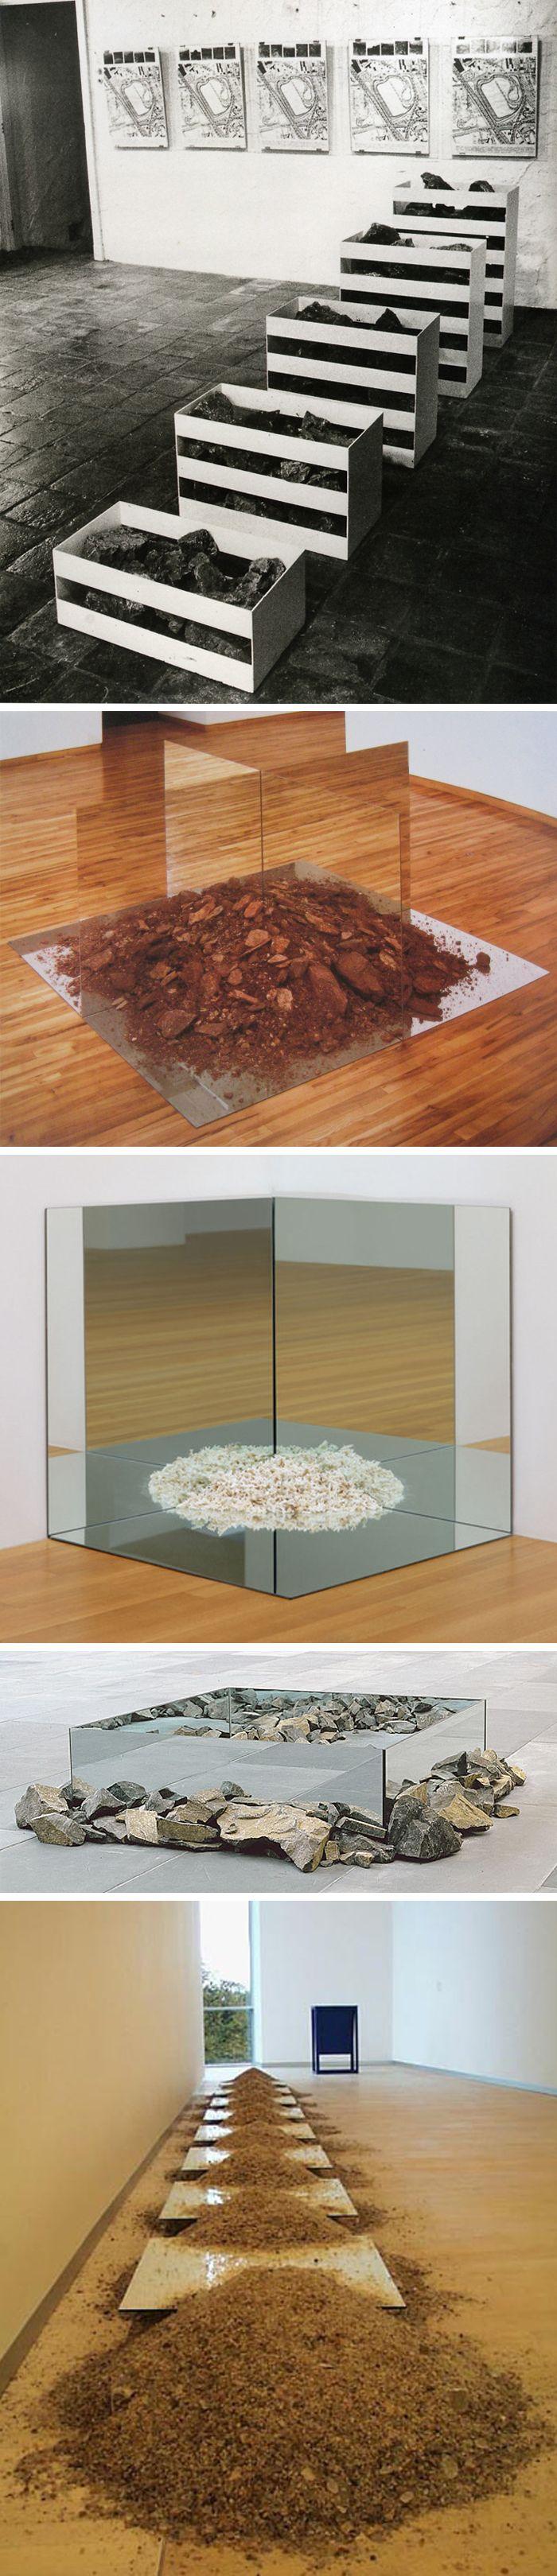 Robert Smithson || Nonsite sculptures